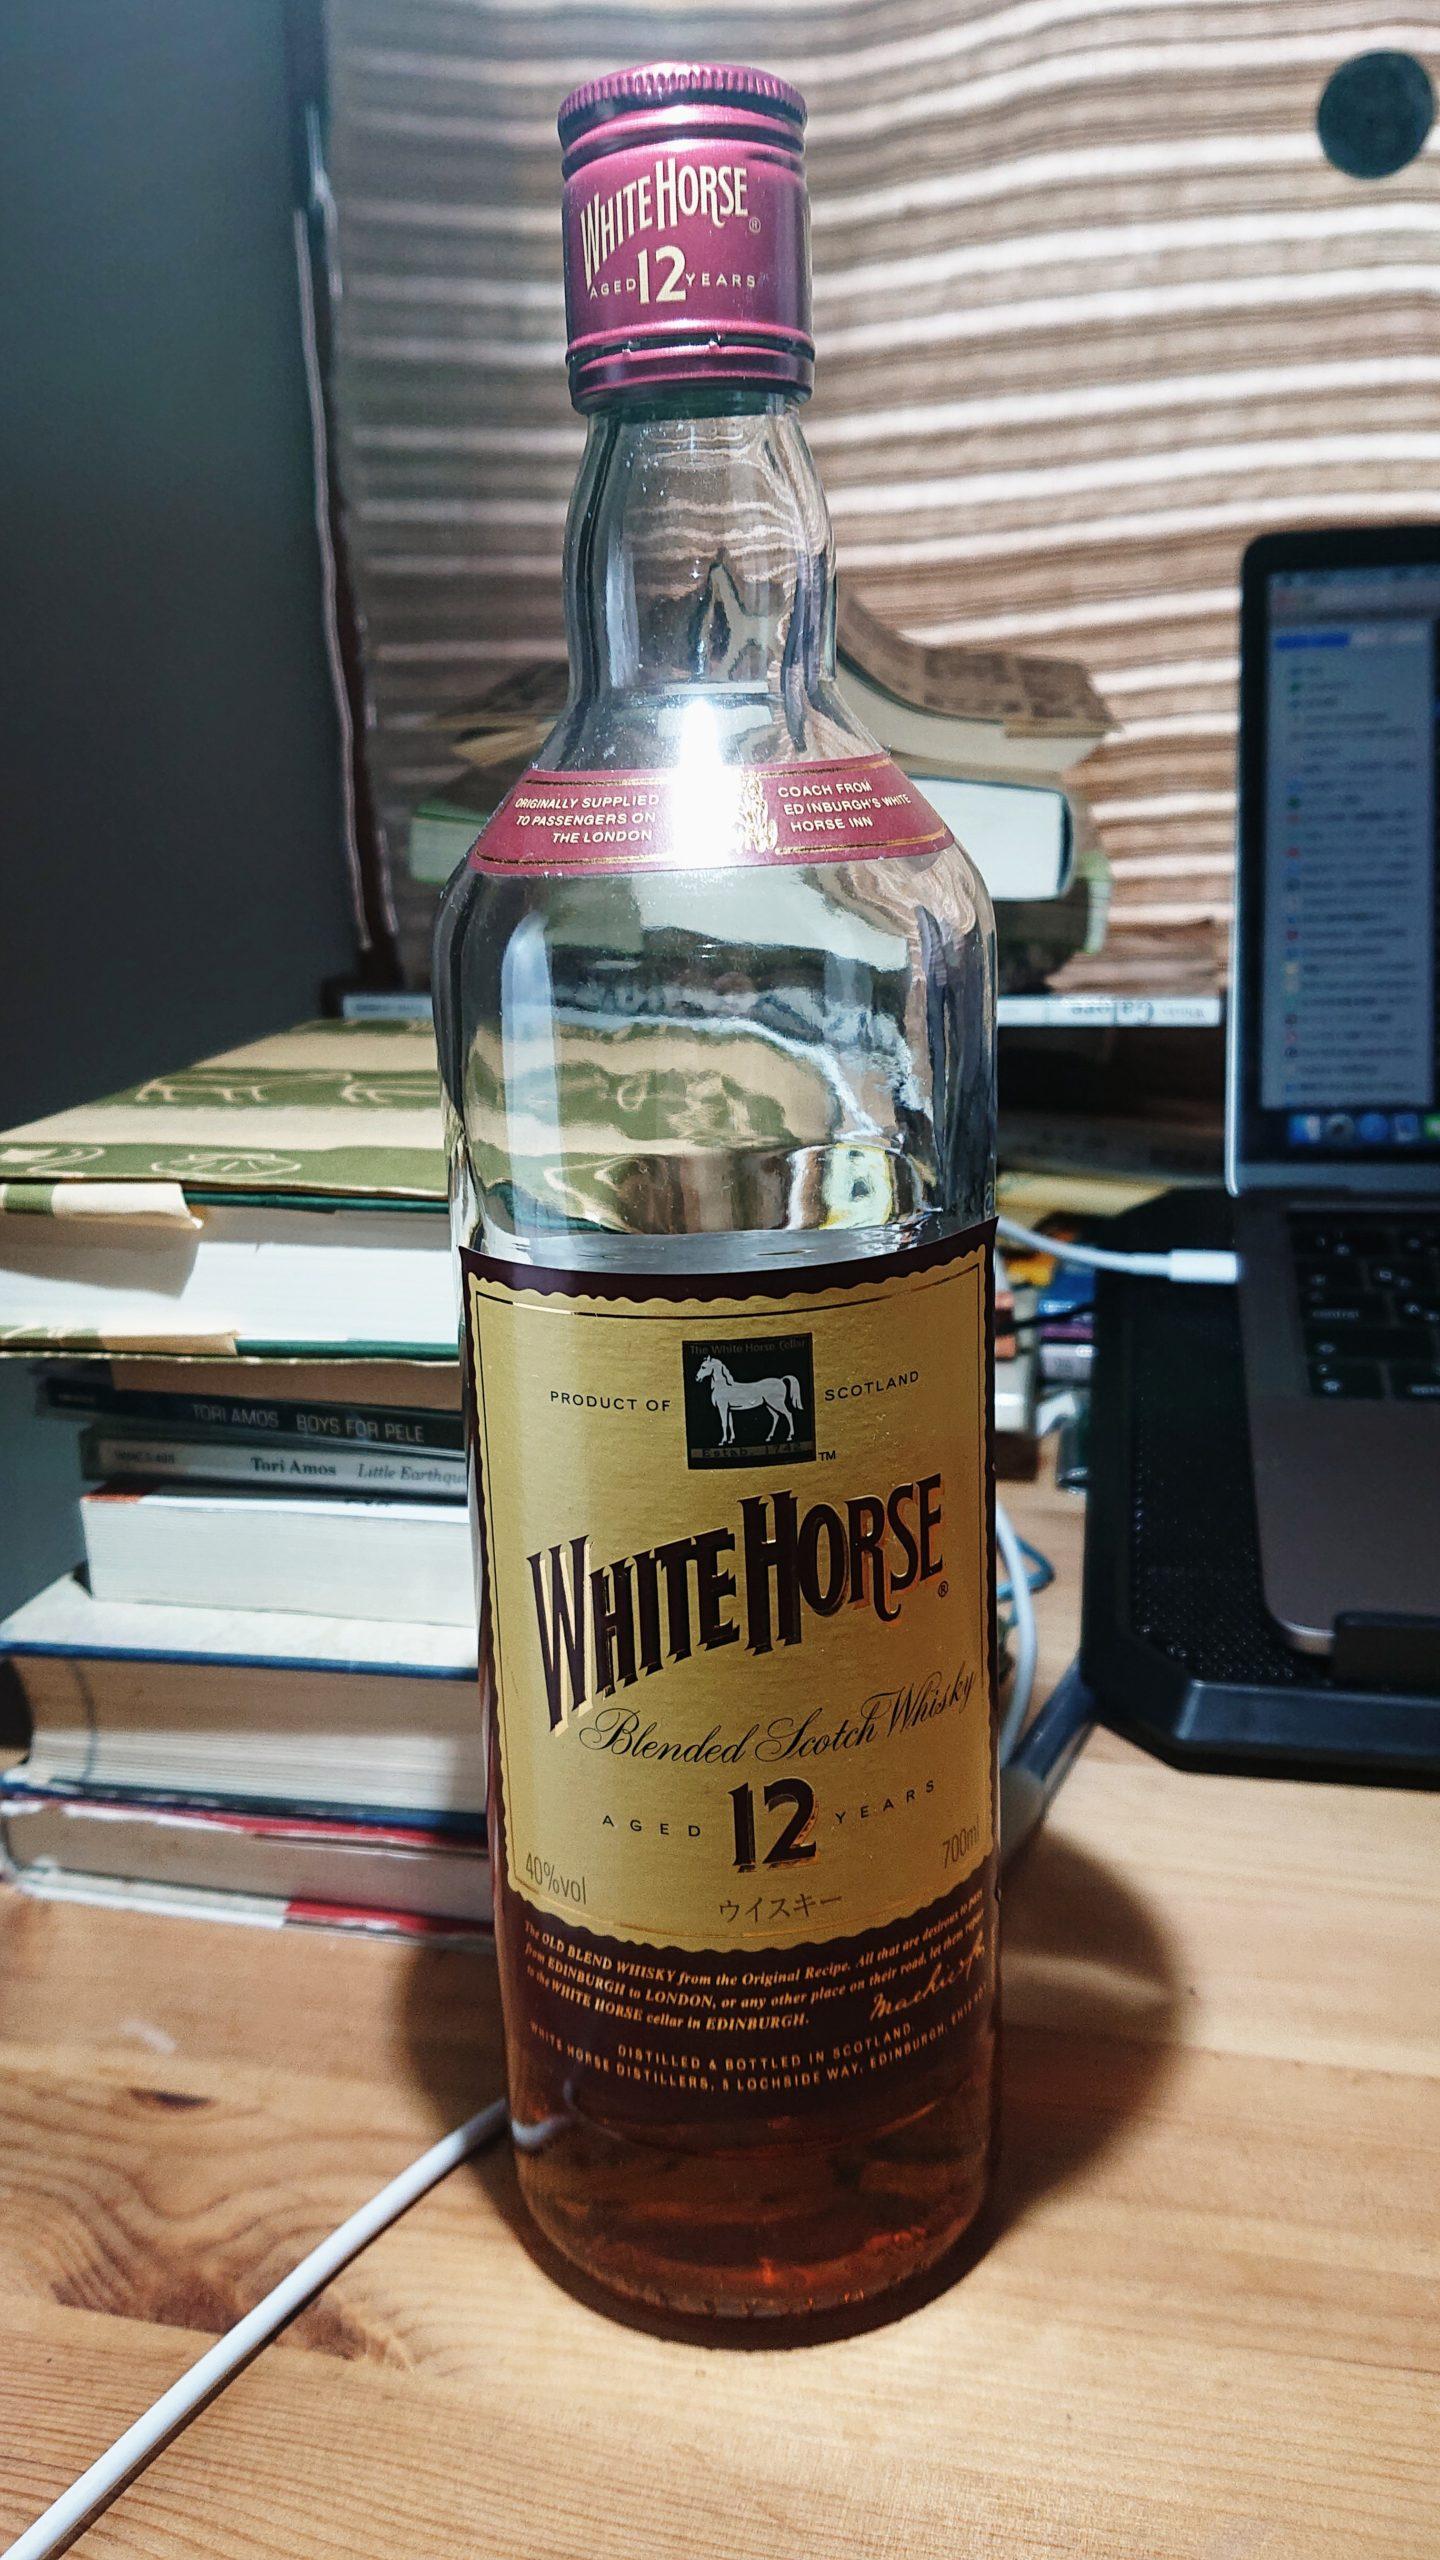 ホワイトホース12年のテイスティング・ホワイトホースのフルーティ増し。日本市場限定の上質コスパ酒!